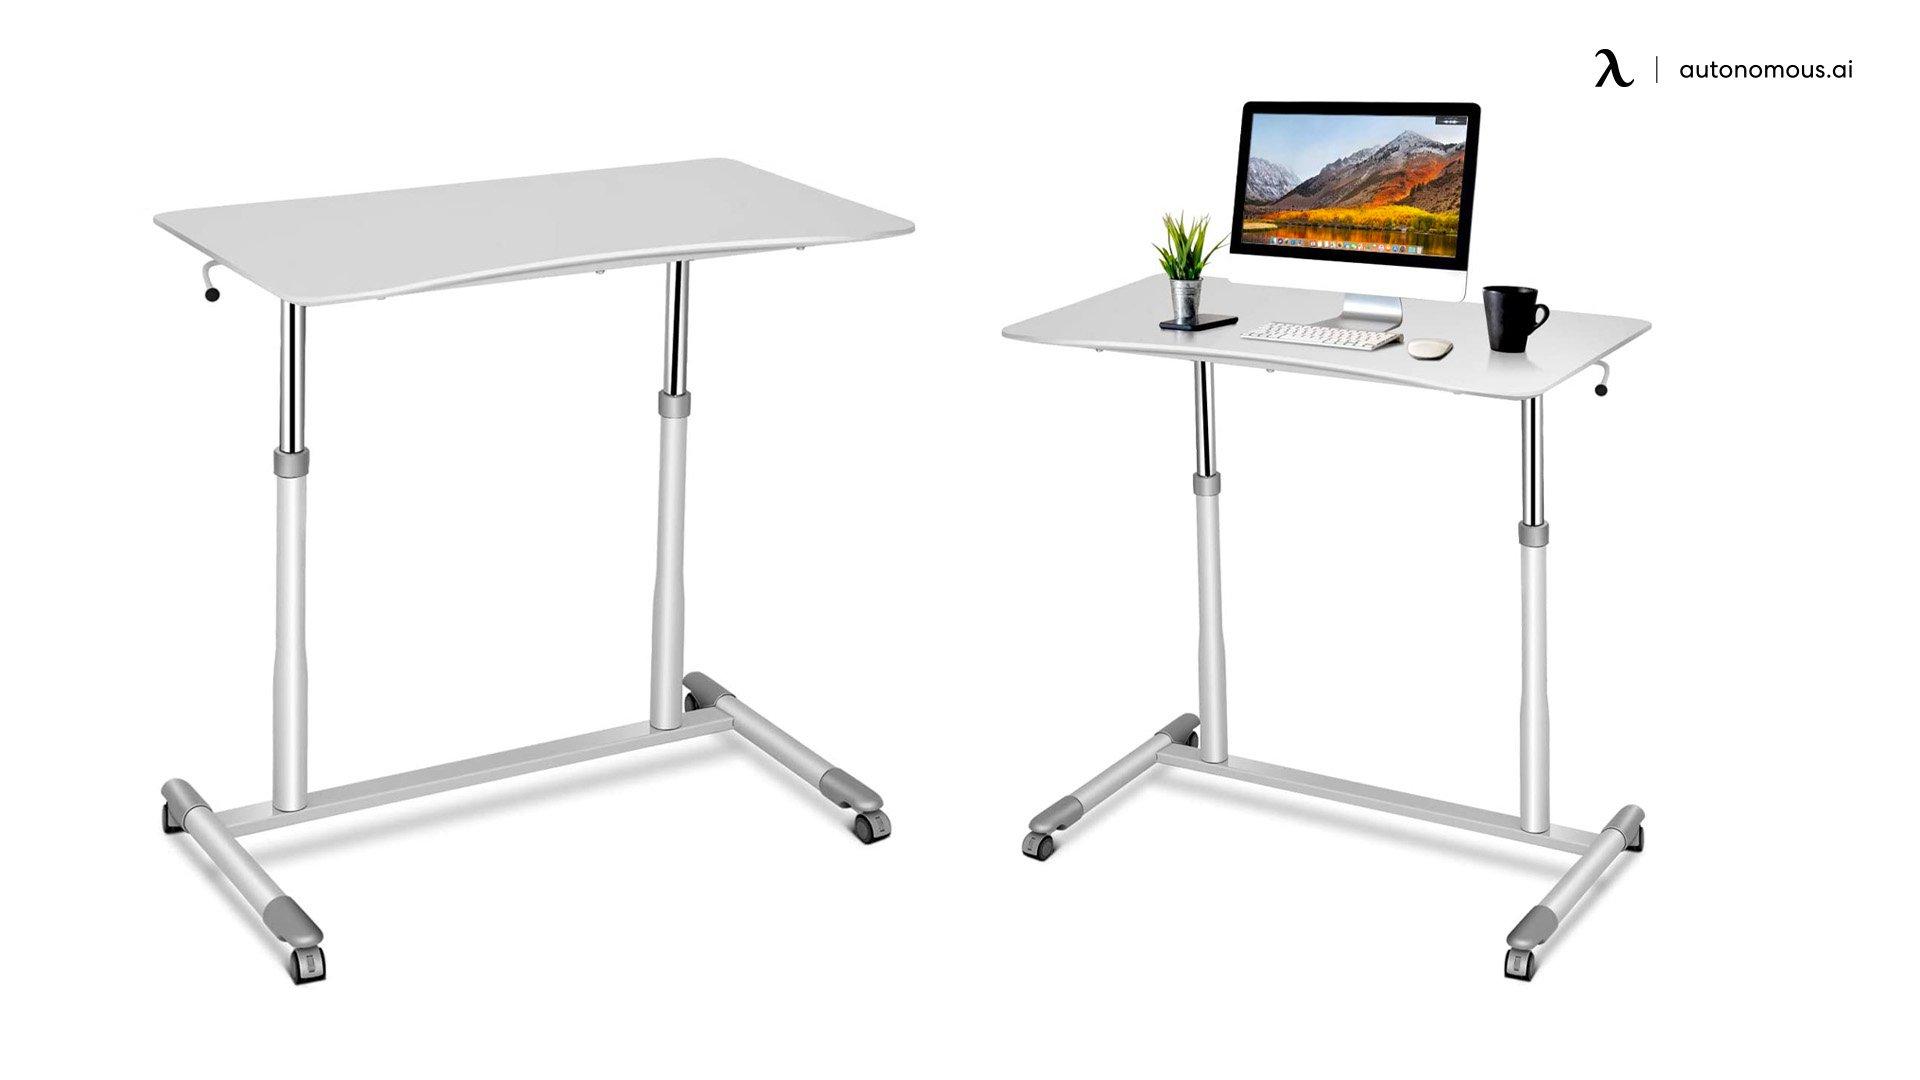 Tangkula reclaimed wood desktop for standing desk